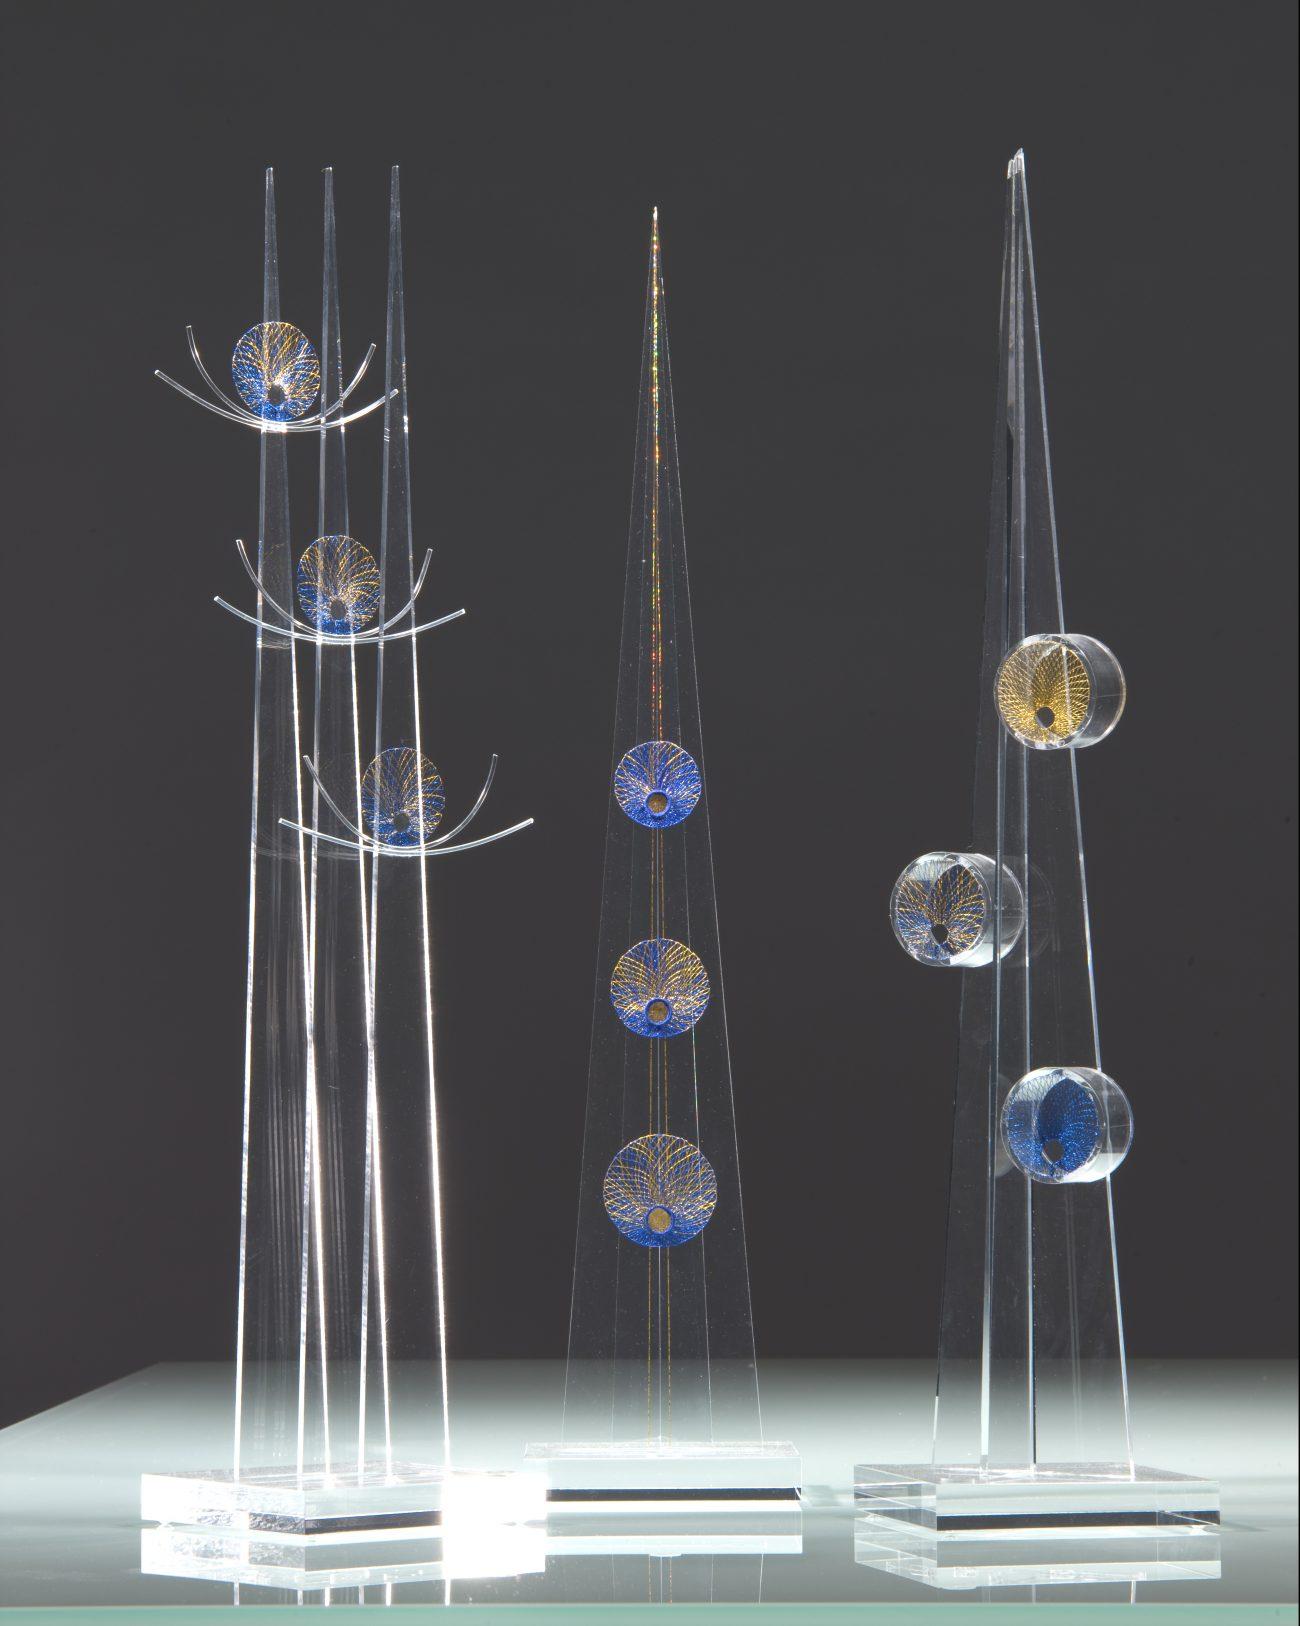 Hemels, drie werken - José Besters-Uilenbroek.